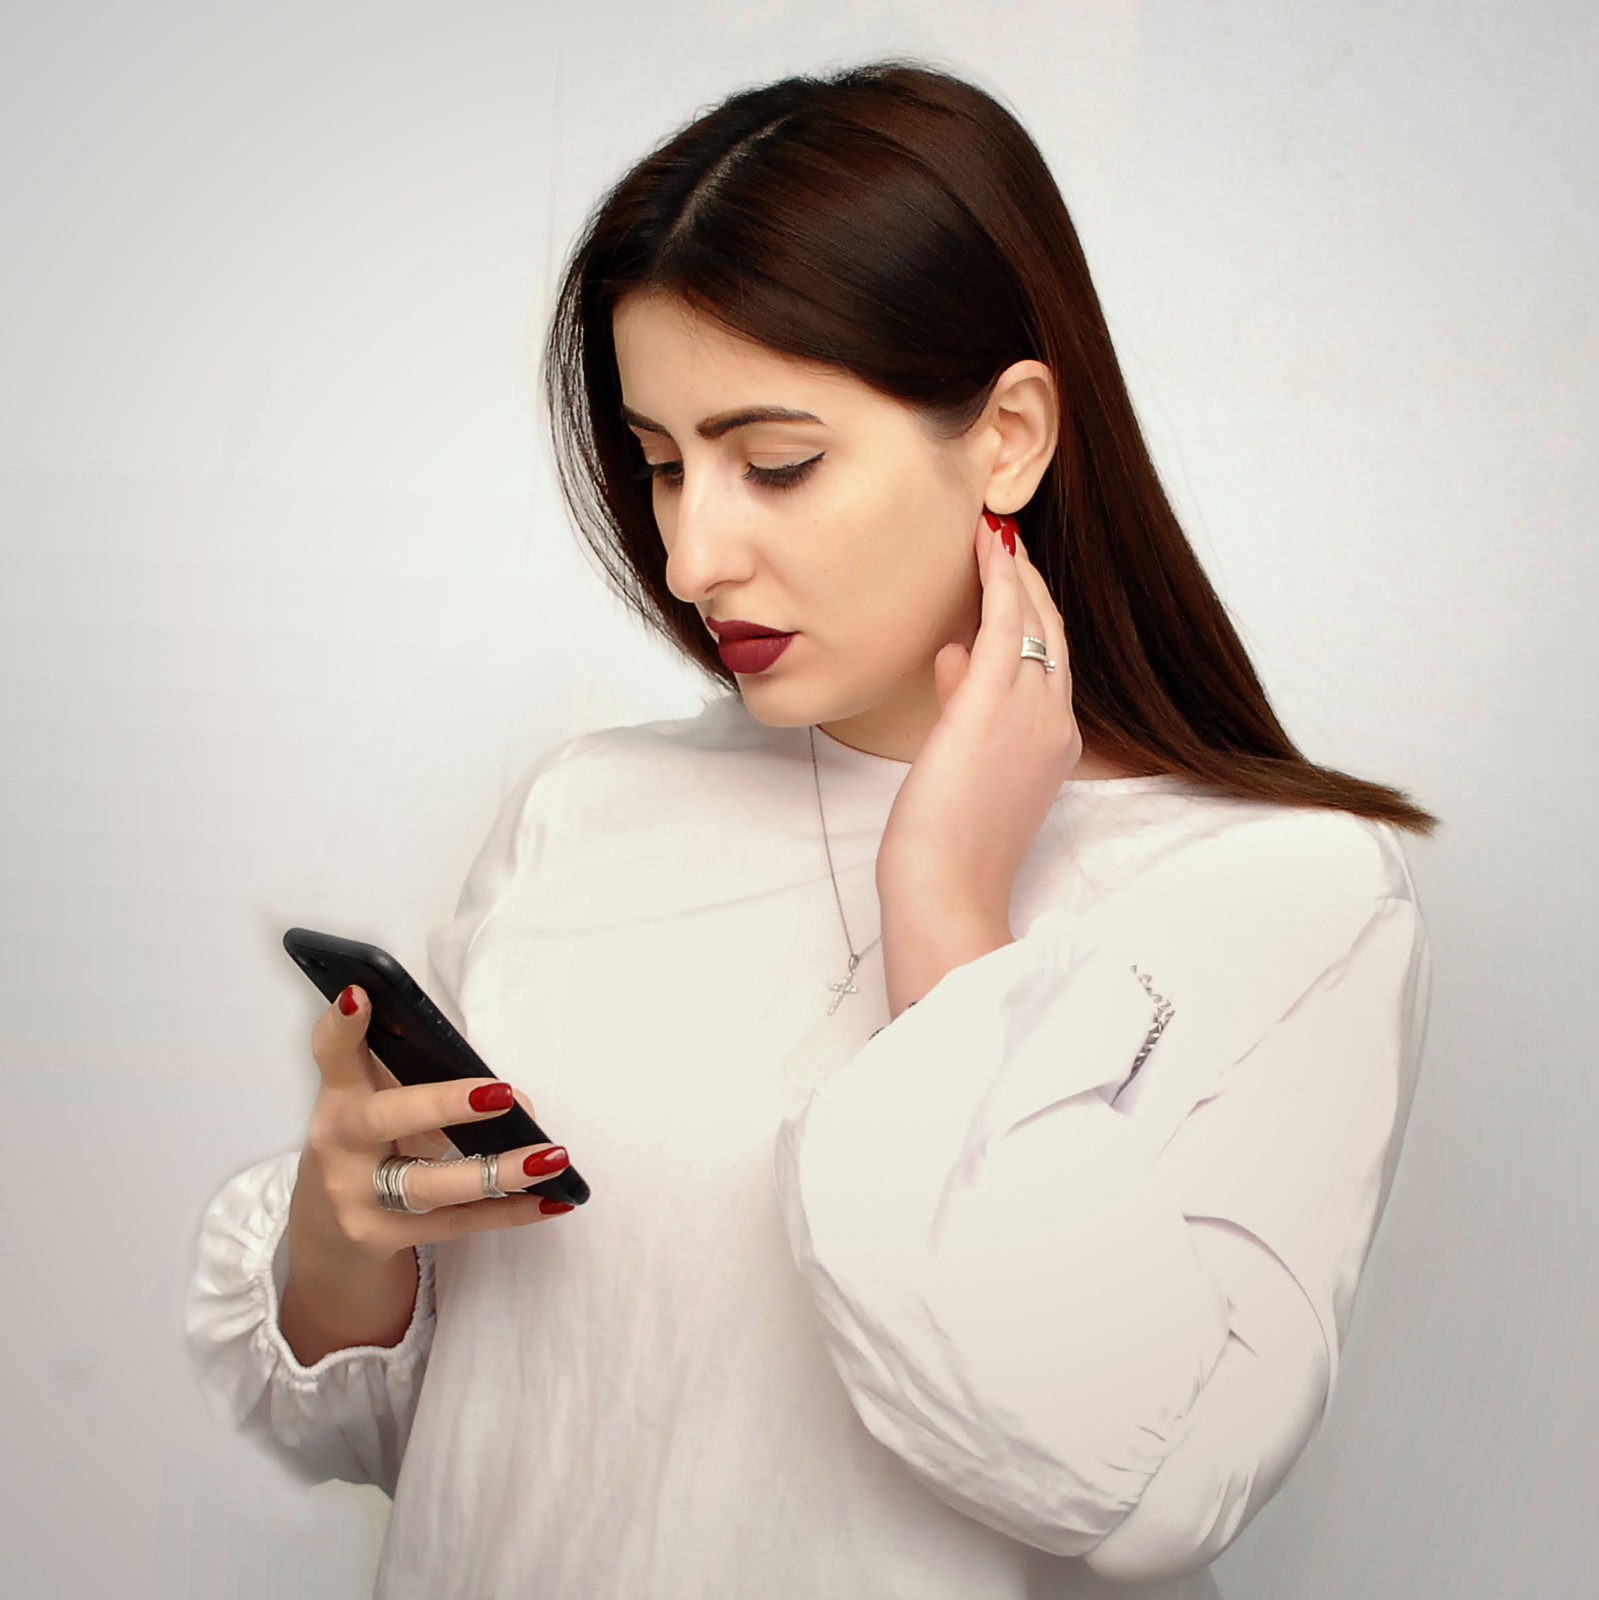 Կարճ հաղորդագրություններ. ամենամատչելի և արդյունավետ մարքեթինգային գործիքը. Անի Դաջունց